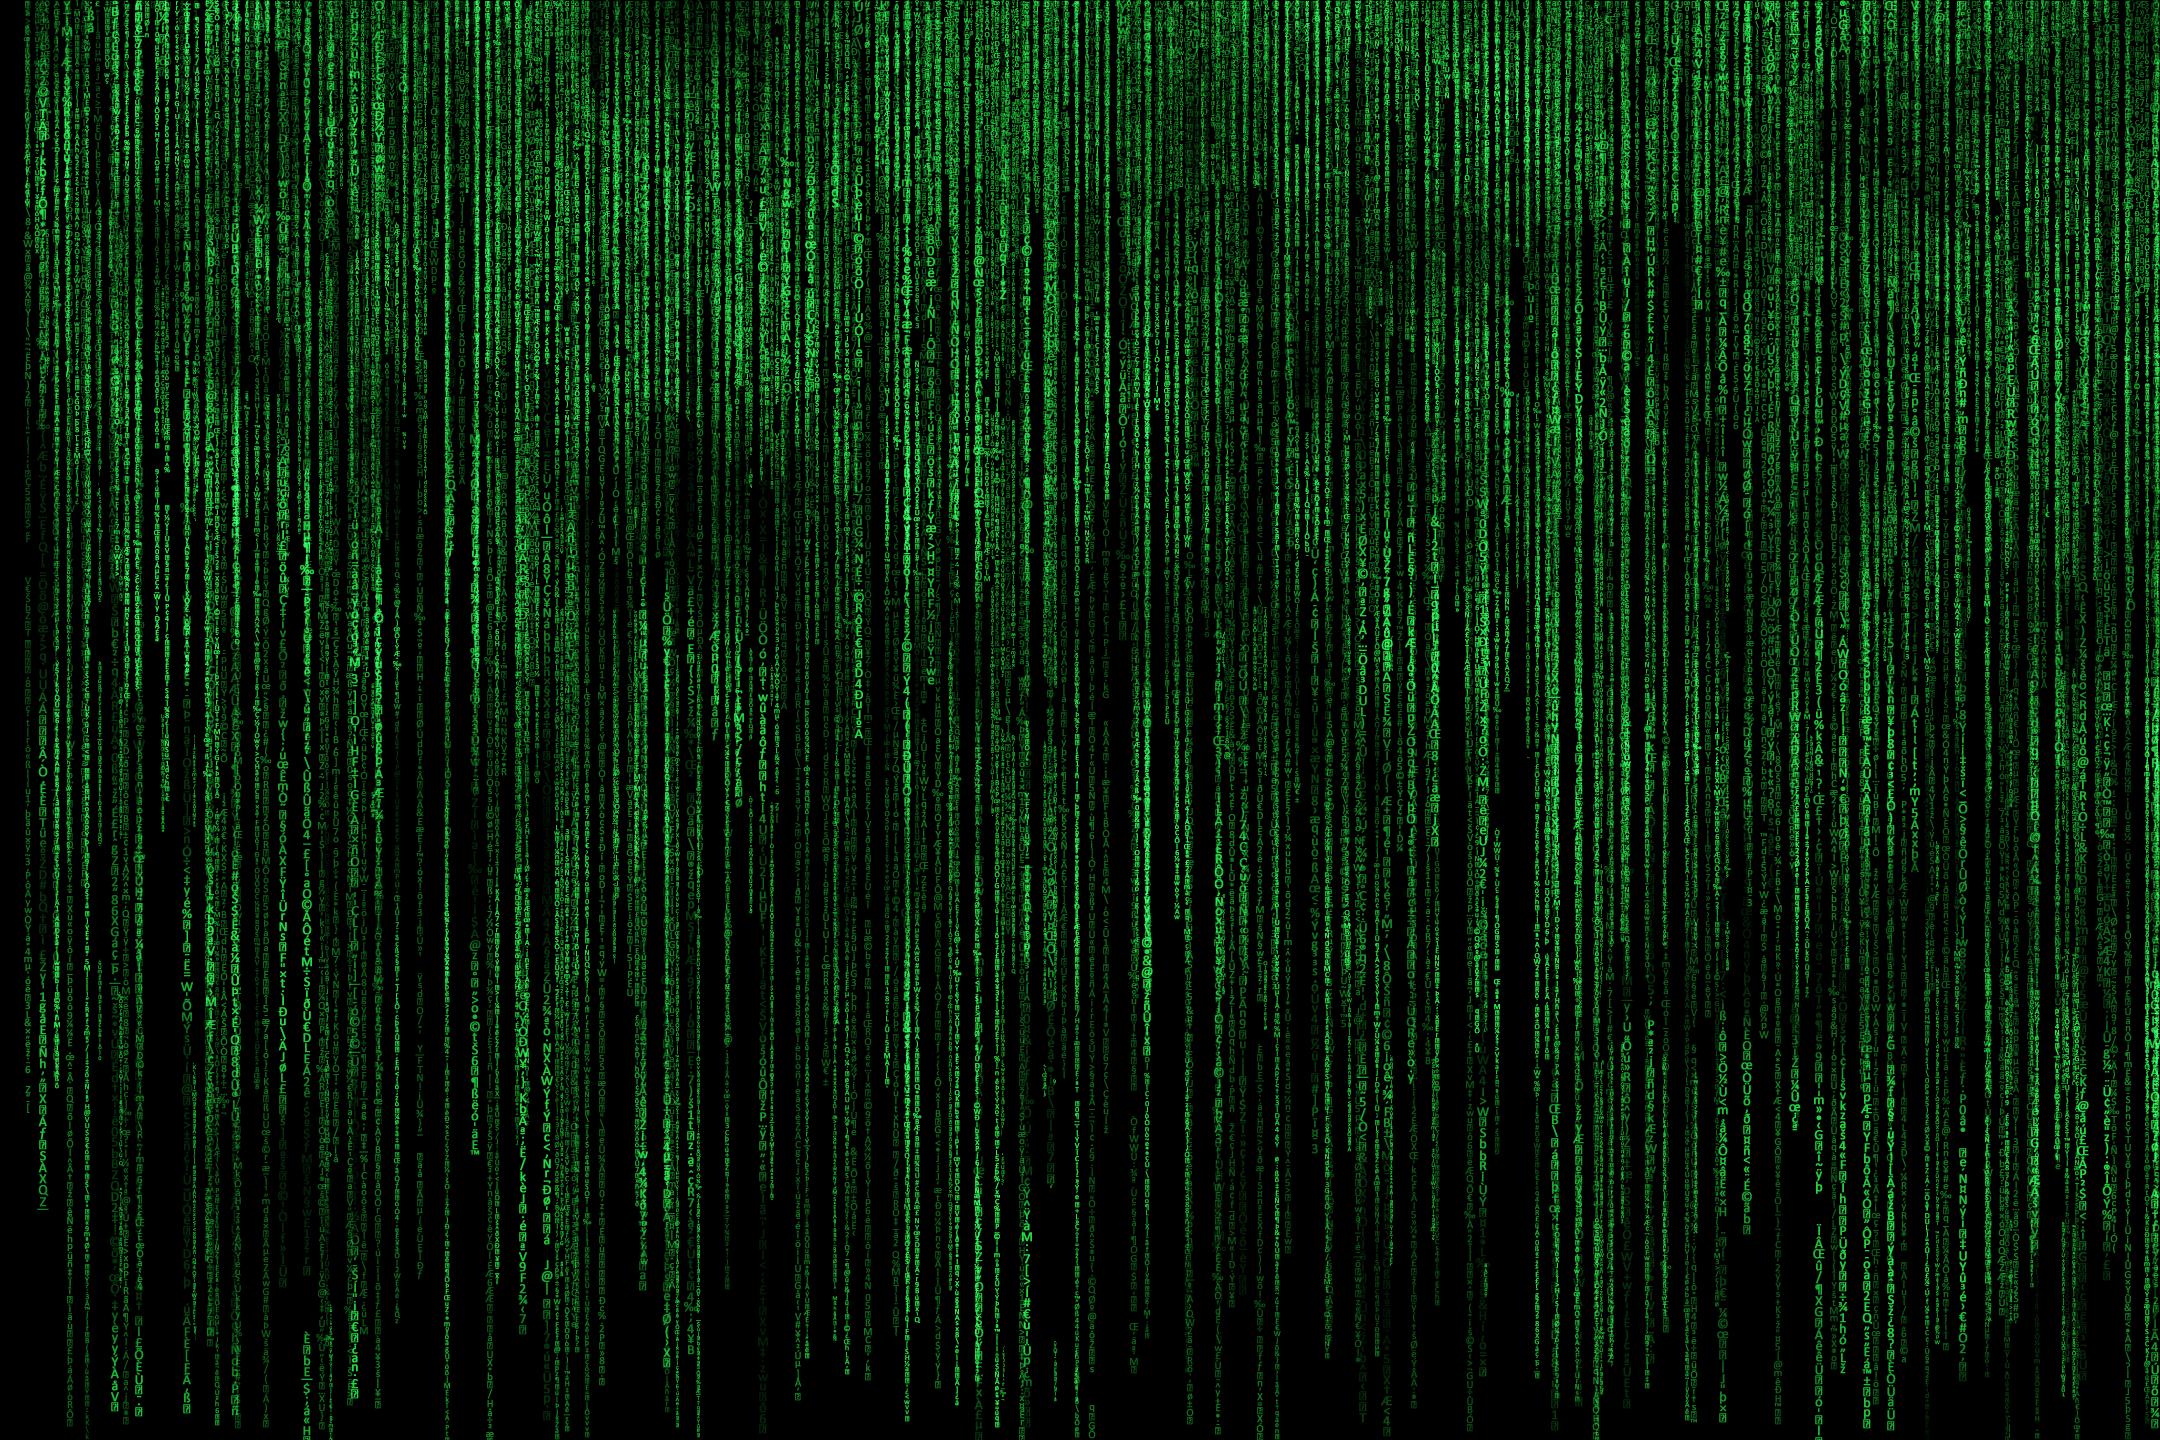 Hacker Iphone Wallpaper The Matrix Full Hd Fondo De Pantalla And Fondo De